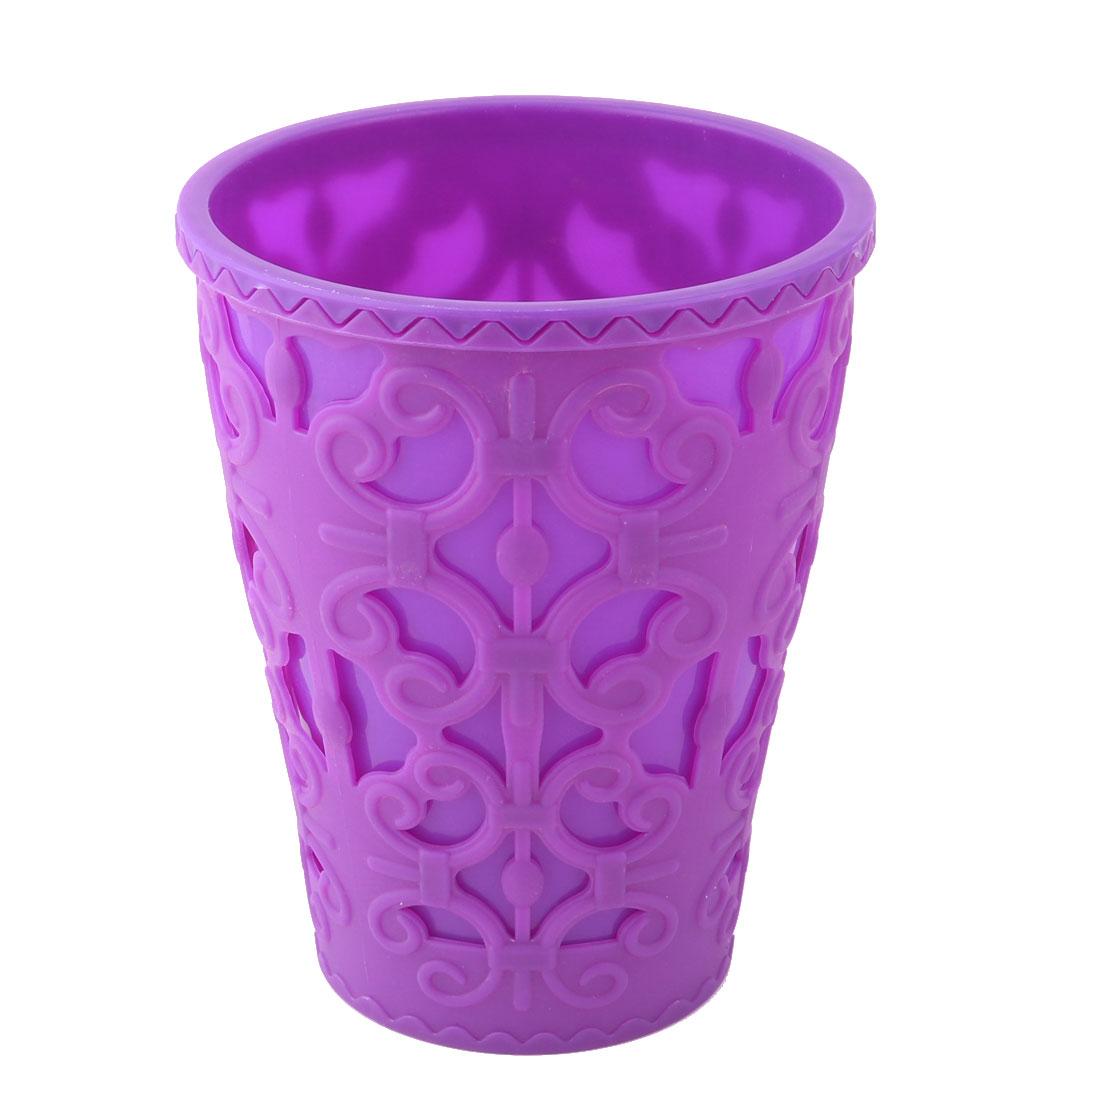 Household Plastic Hollowed Out Design Plant Flower Aloes Cactus Pot Purple 16cm Dia